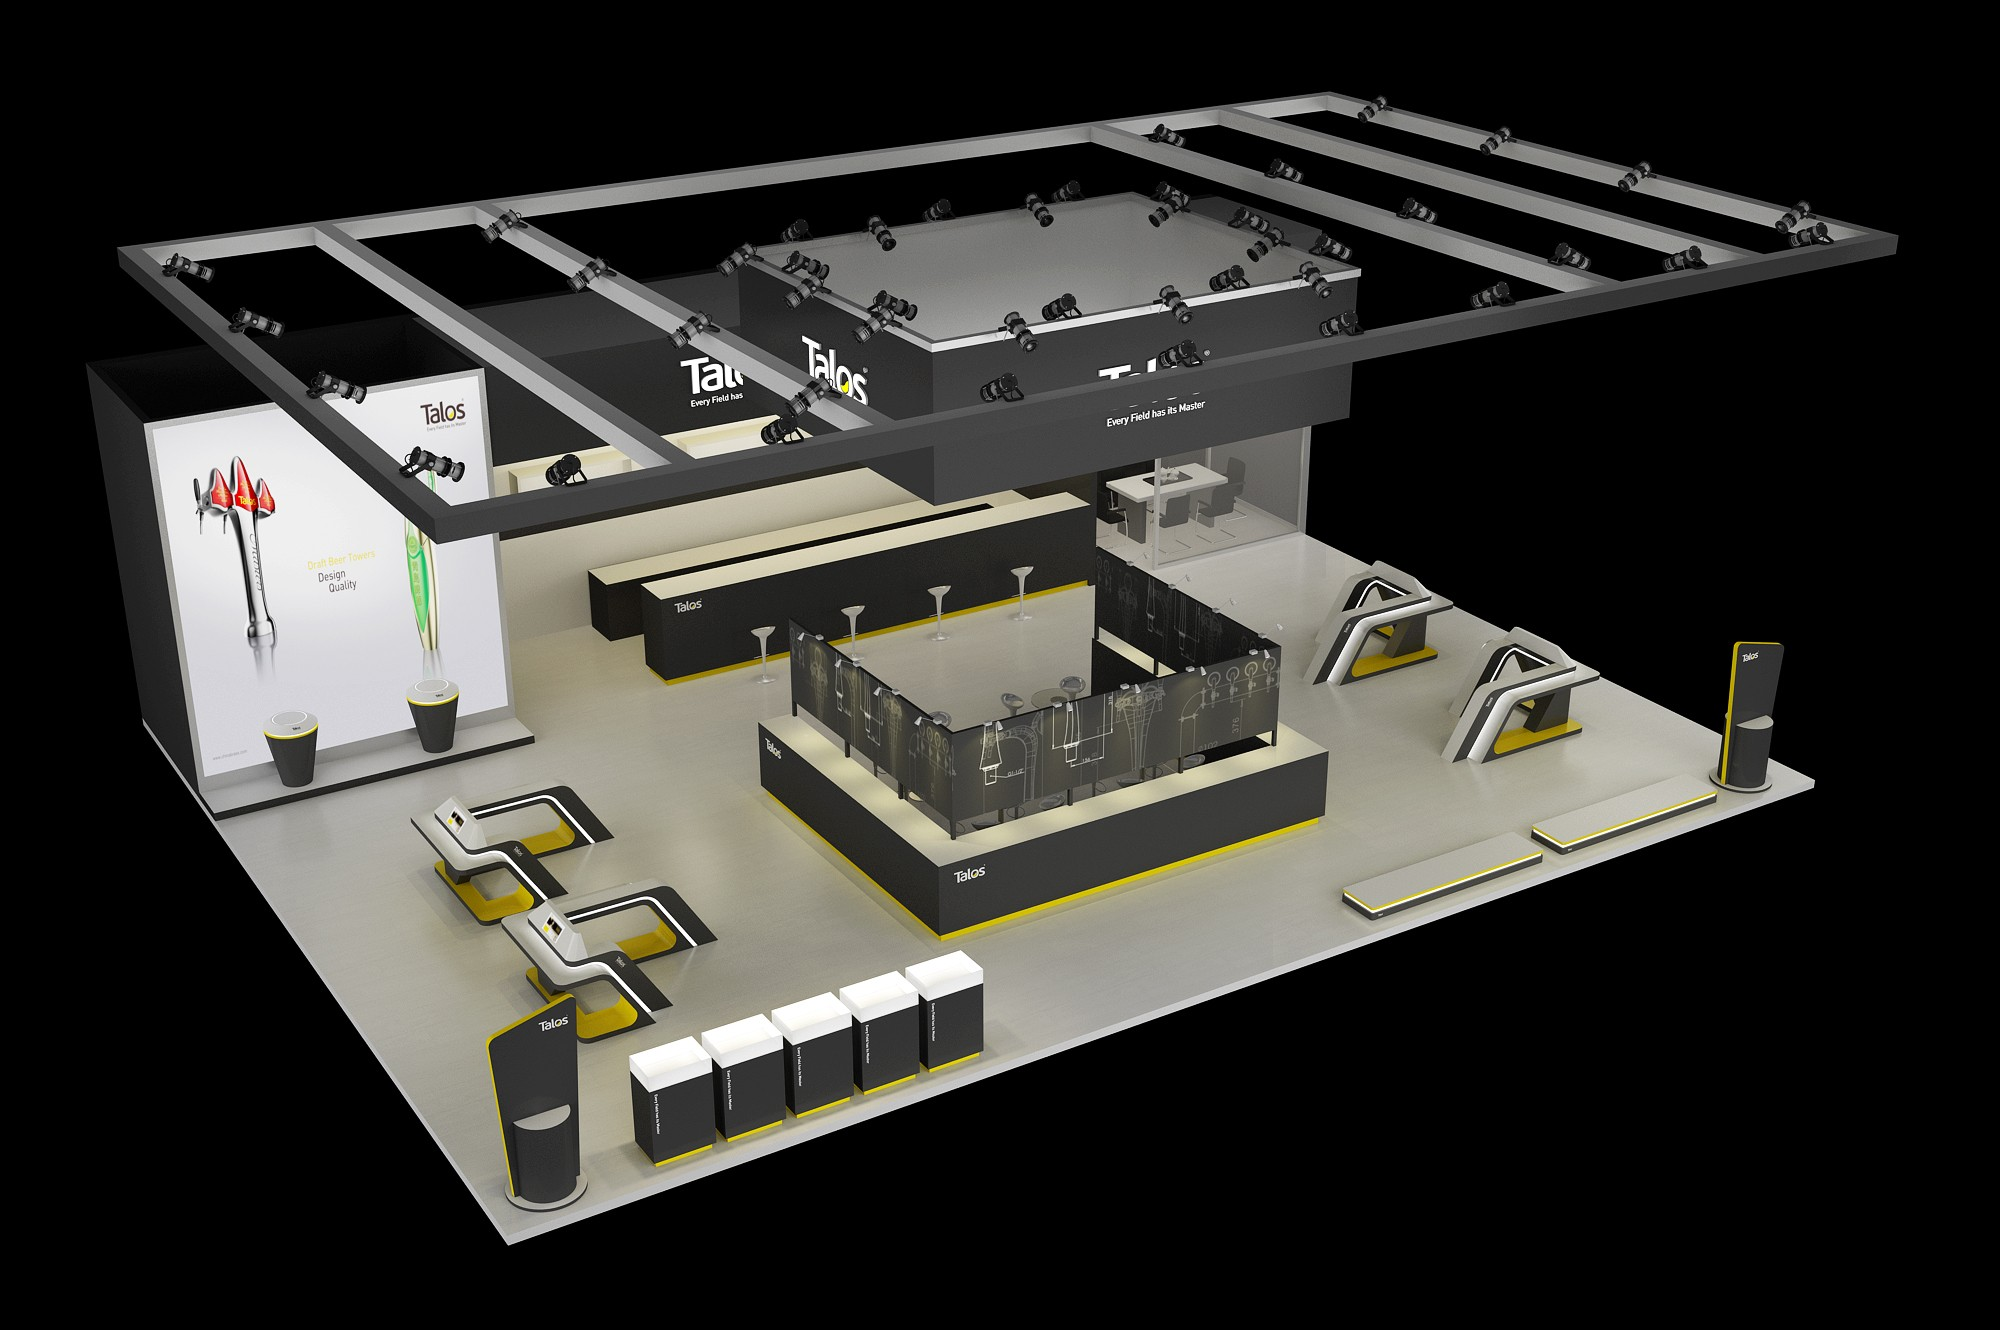 工业品品牌展览展厅设计-塔罗斯5e4aee9c5afaba74cf7eeedc3bd41c42